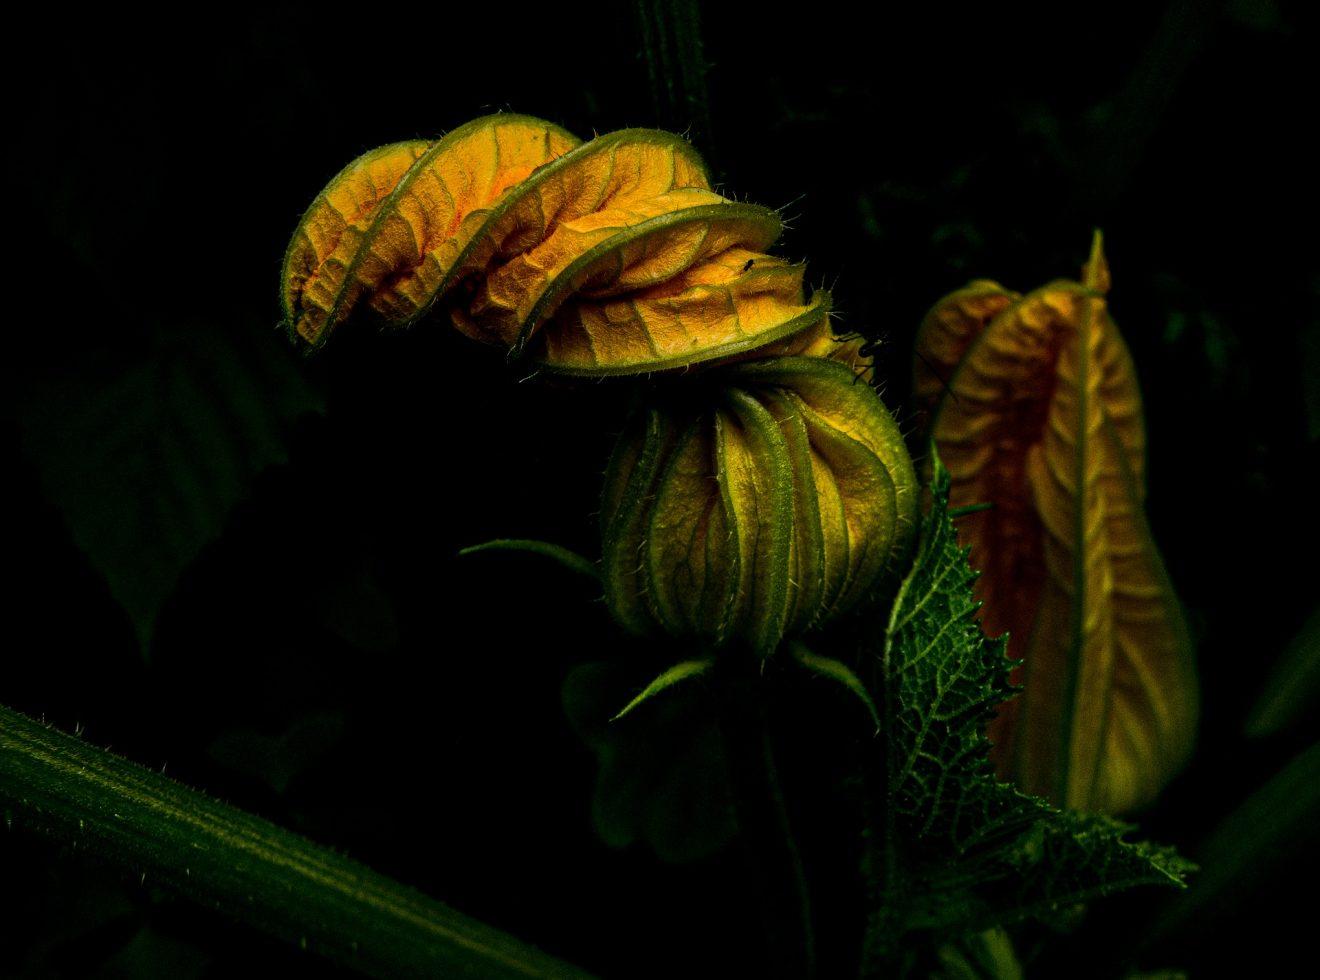 zucchini-5263781_1920